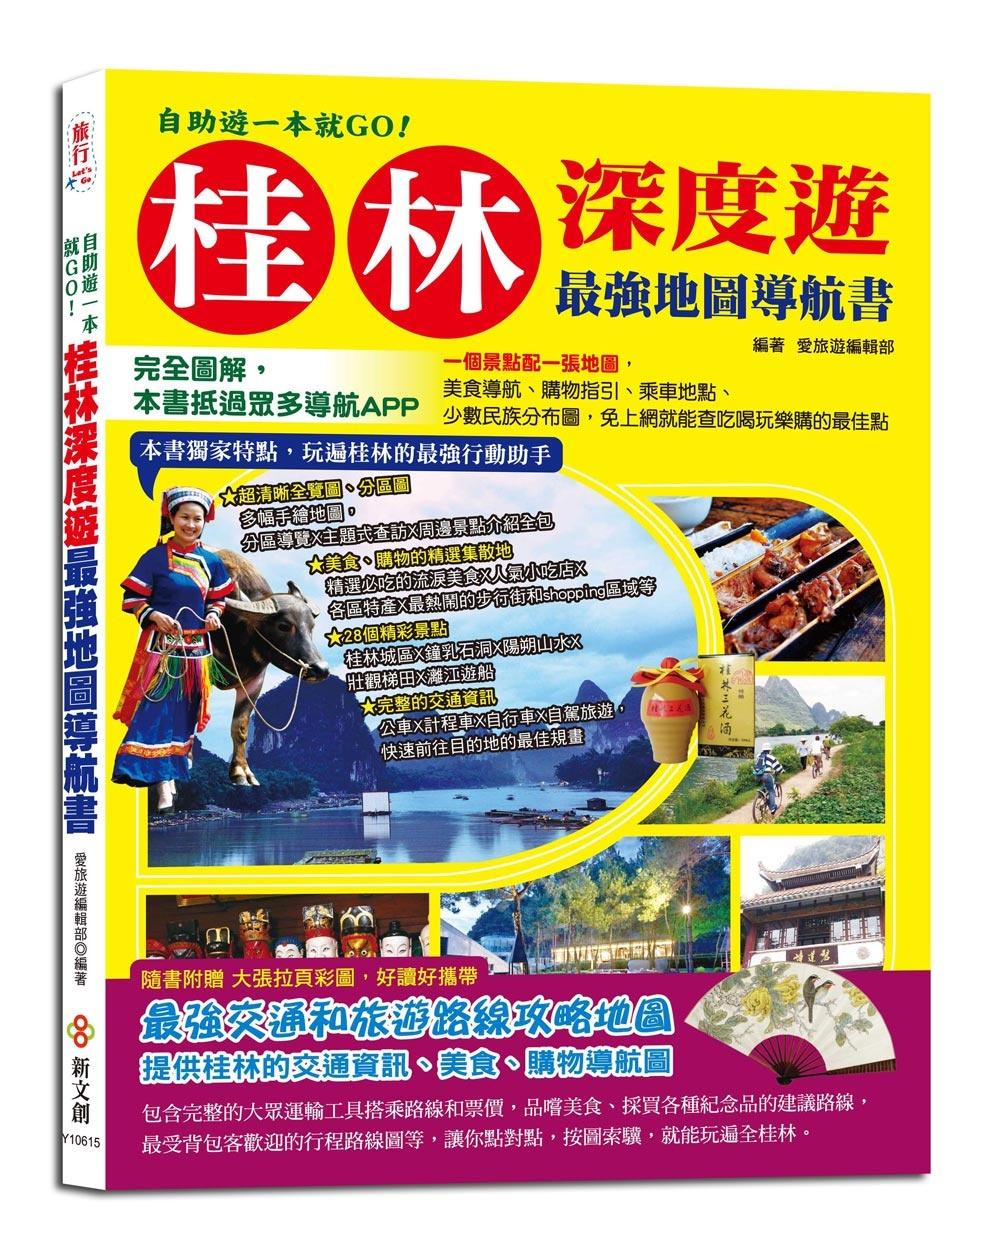 自助遊一本就GO!桂林深度遊最強地圖導航書:完全圖解,本書抵過眾多導航APP,一個景點配一